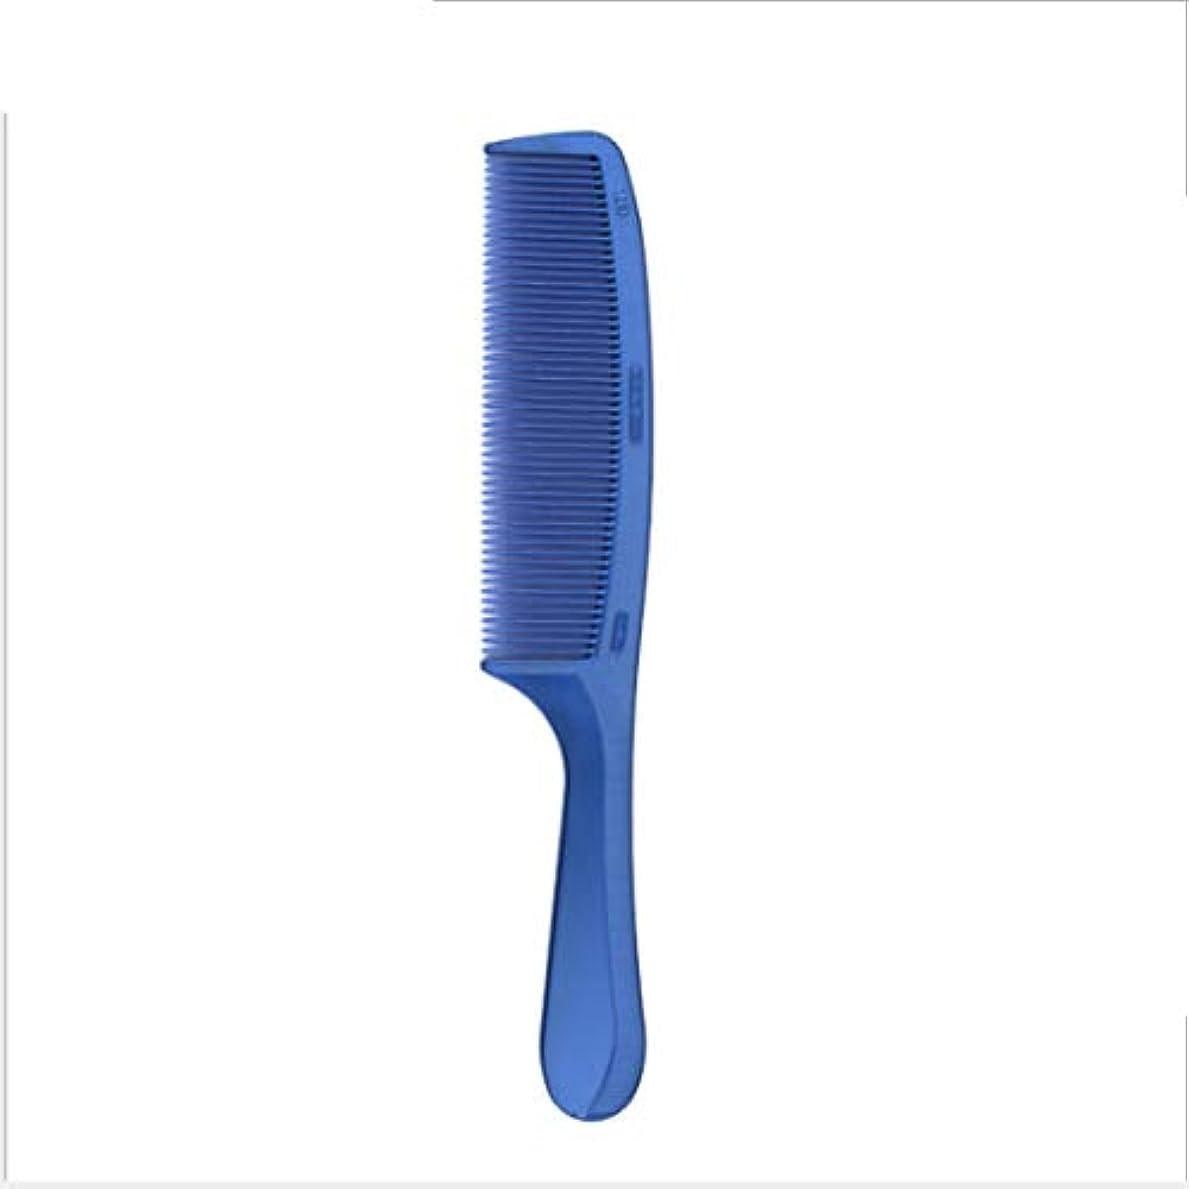 アクティブ忘れるいらいらさせる(メイクコーム、ナイロンコーム、フラットコーム)女性や男性のためのプラスチック製の髪の櫛静電気防止髪カット特別な櫛ナチュラルカラーブルー ヘアケア (サイズ : 128)